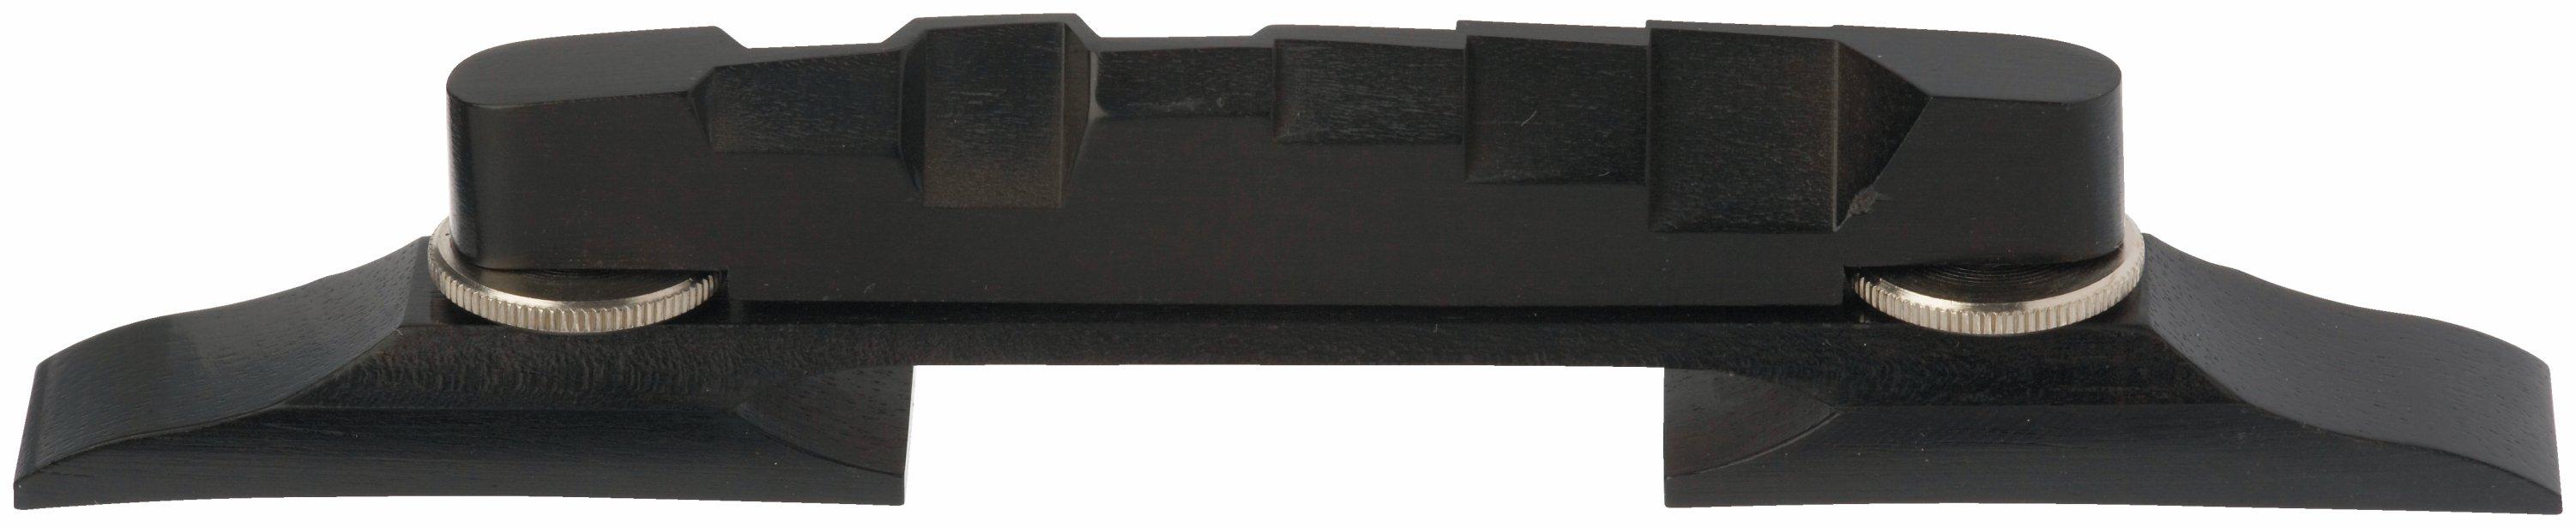 Framus Vintage Parts - Compensated Archtop Bridge, Ebony, 6-String